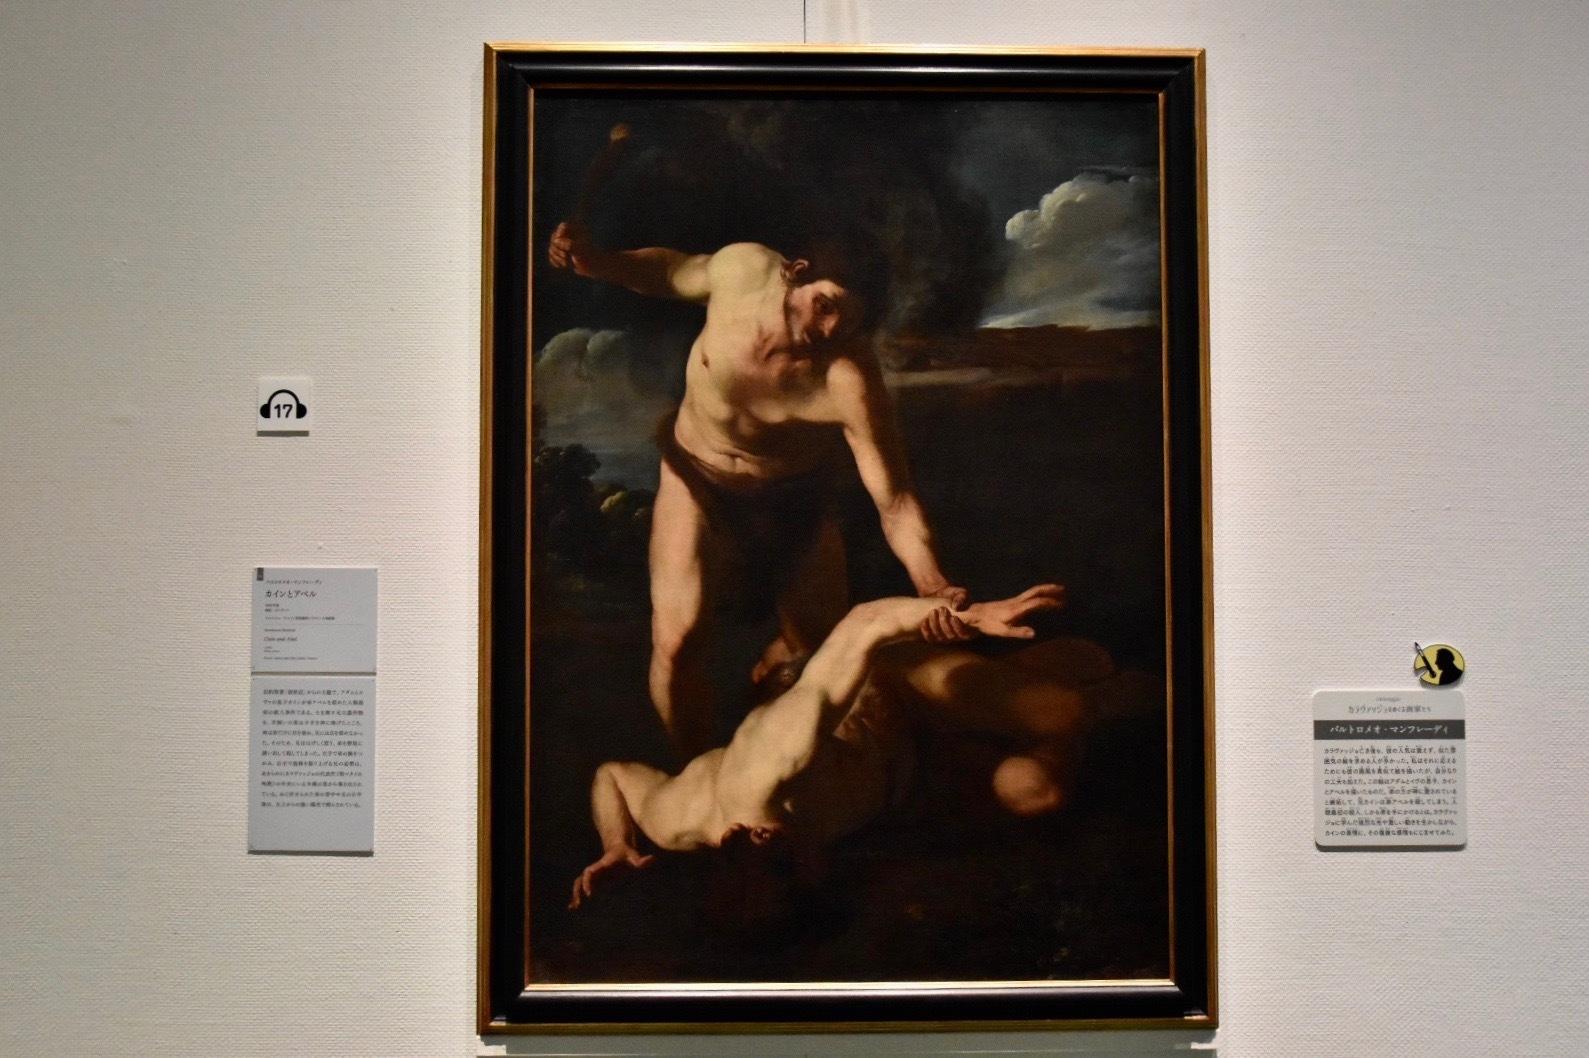 バルトロメオ・マンフレーディ《カインとアベル》1620年頃(ウフィツィ美術館群パラティーナ美術館蔵)